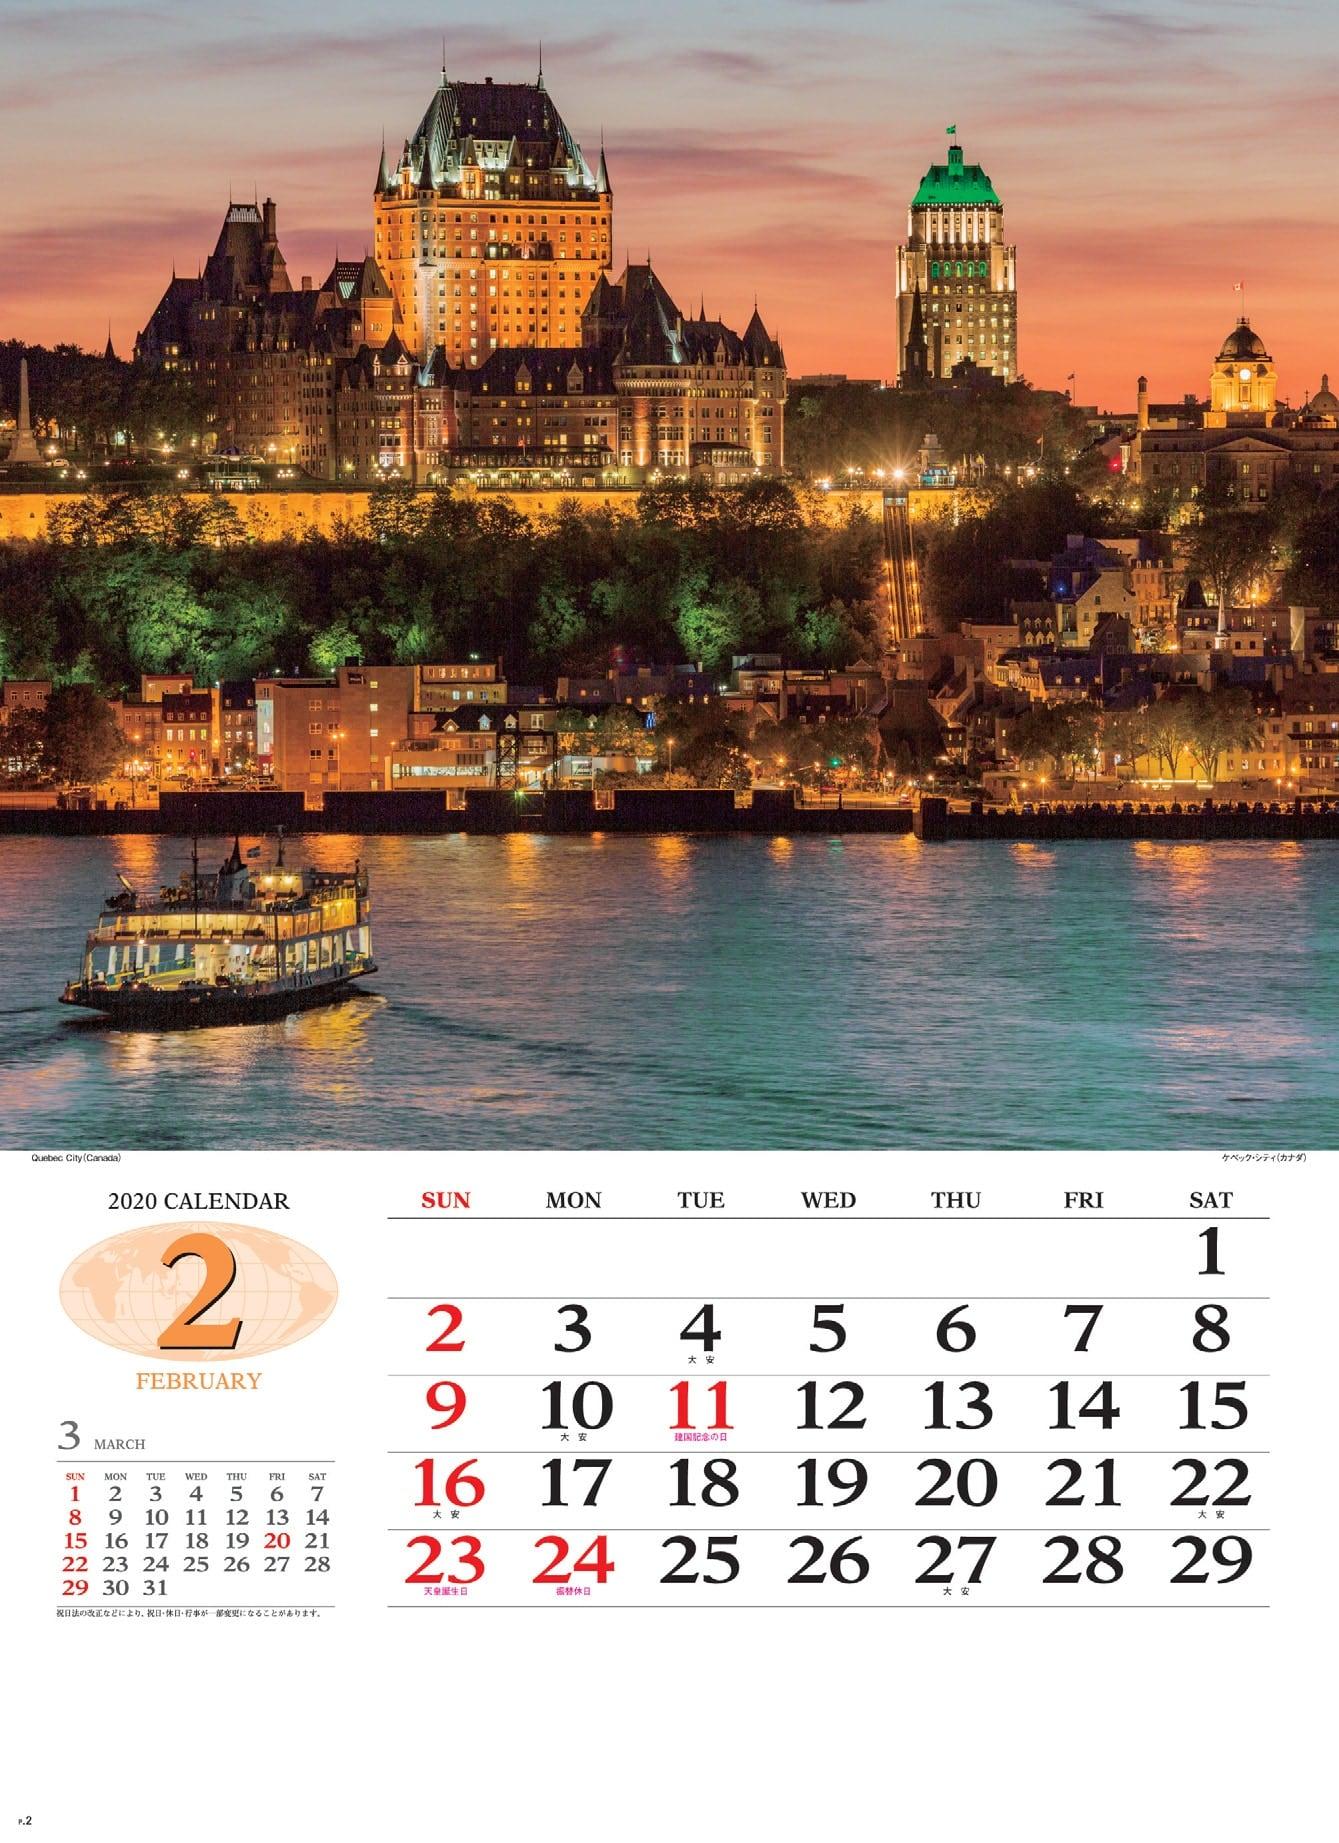 画像:ケベック・シティ(カナダ) 世界の景観 2020年カレンダー